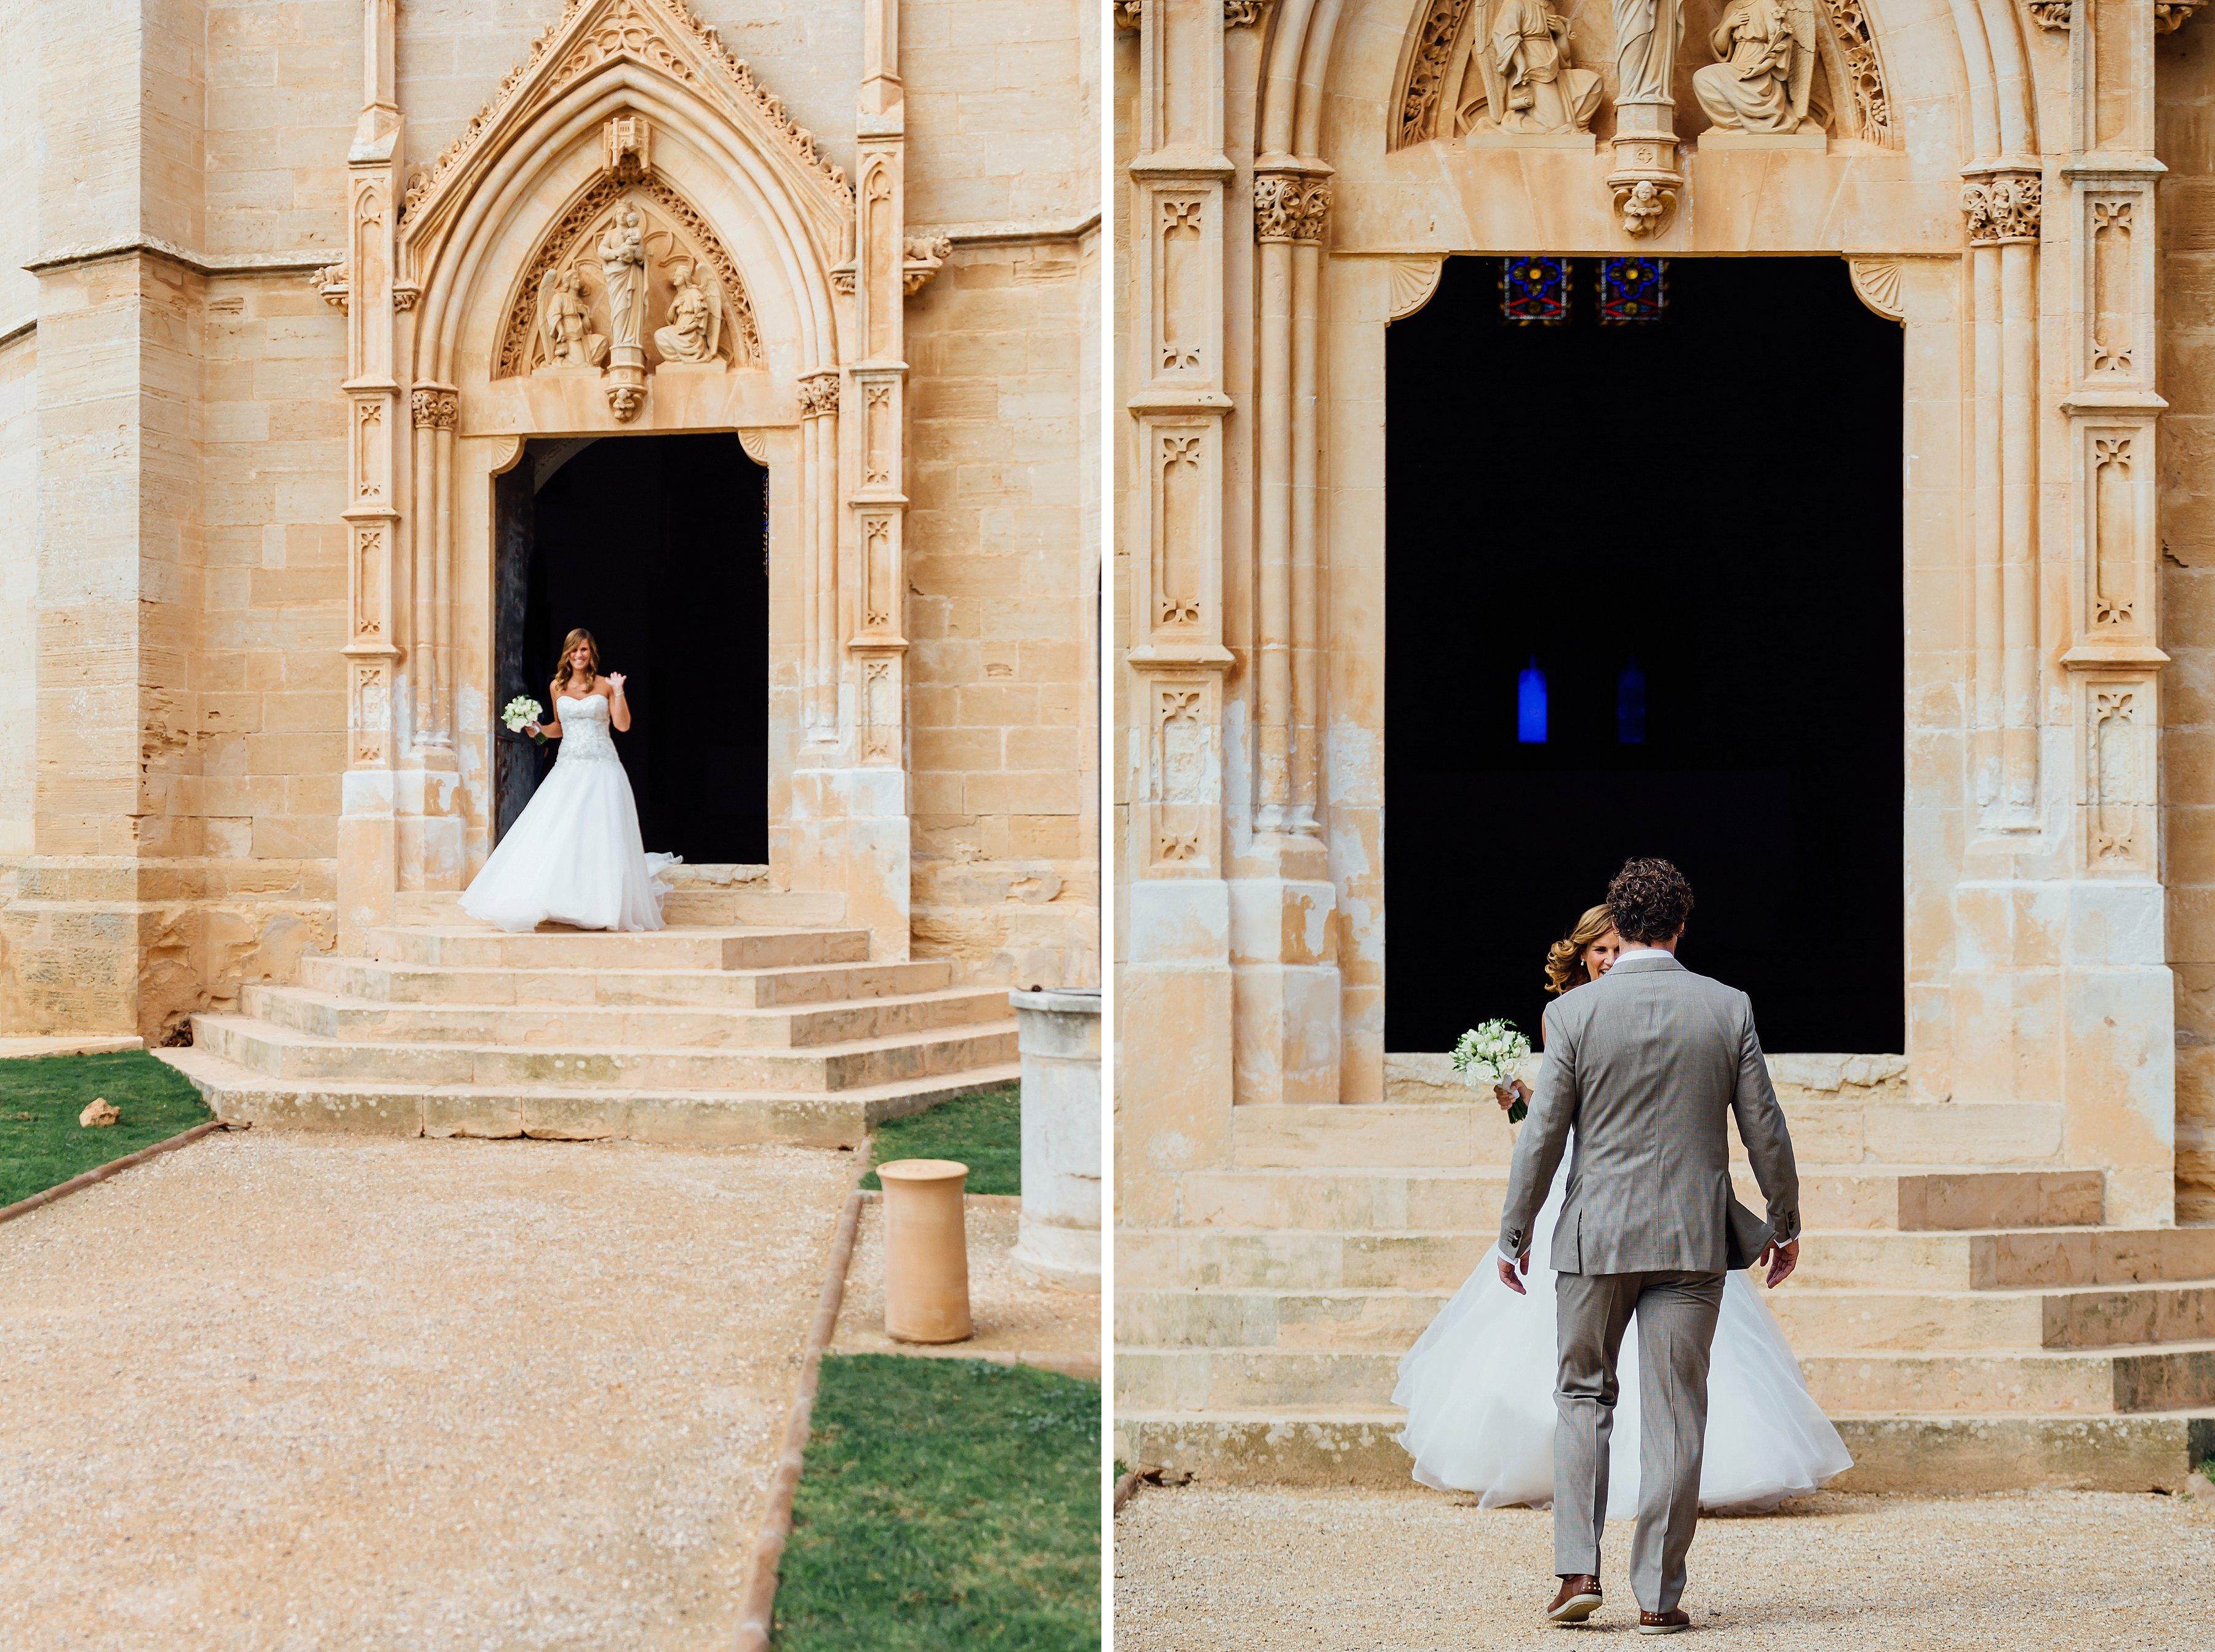 kroonmoment bruidsfotografie_0090